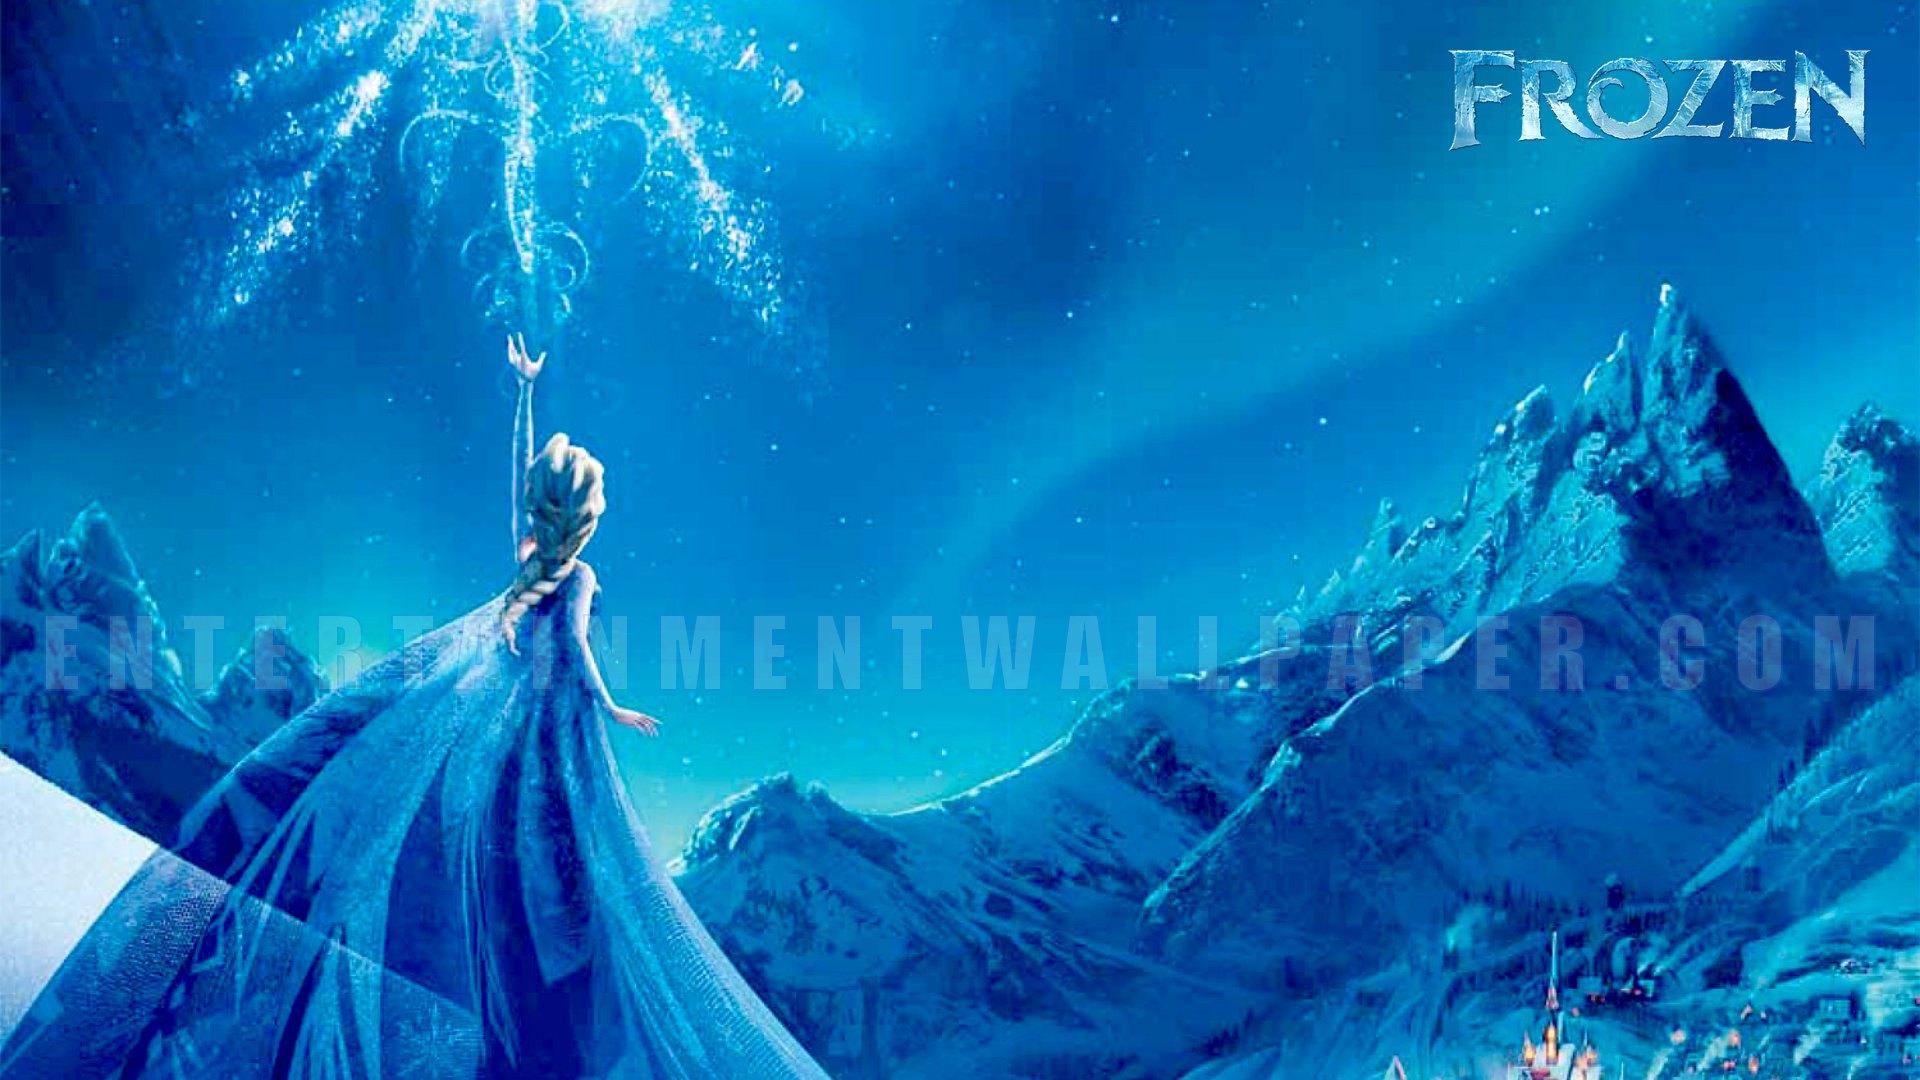 Elsa the Snow Queen image elsa the snow queen 36149186 1920 1080jpg 1920x1080